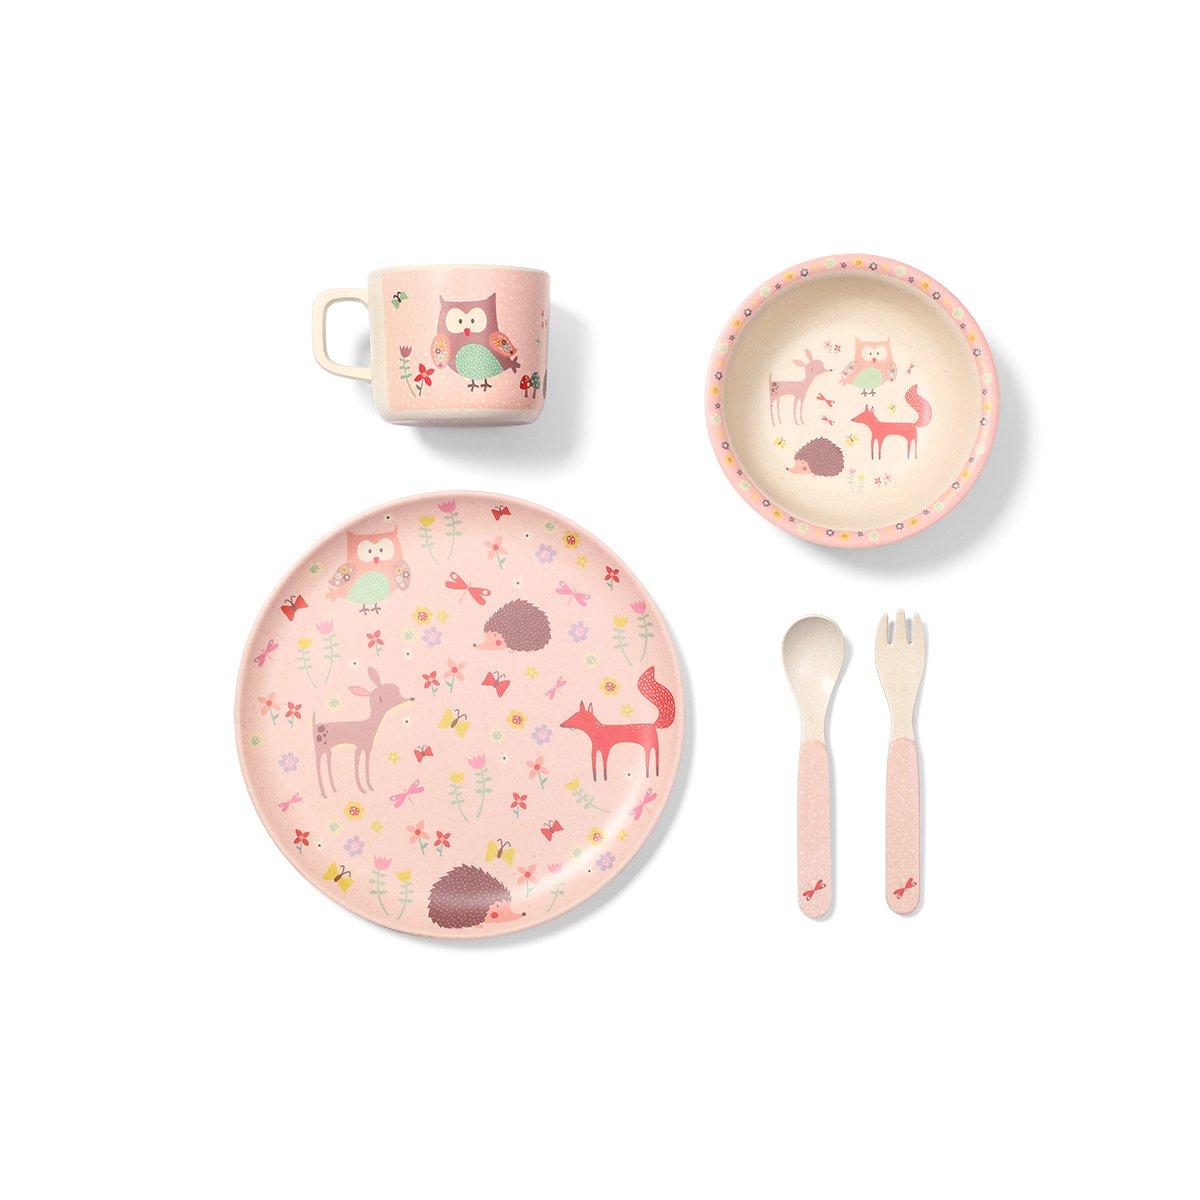 Dìtská jídelní sada z bambusu forest pink